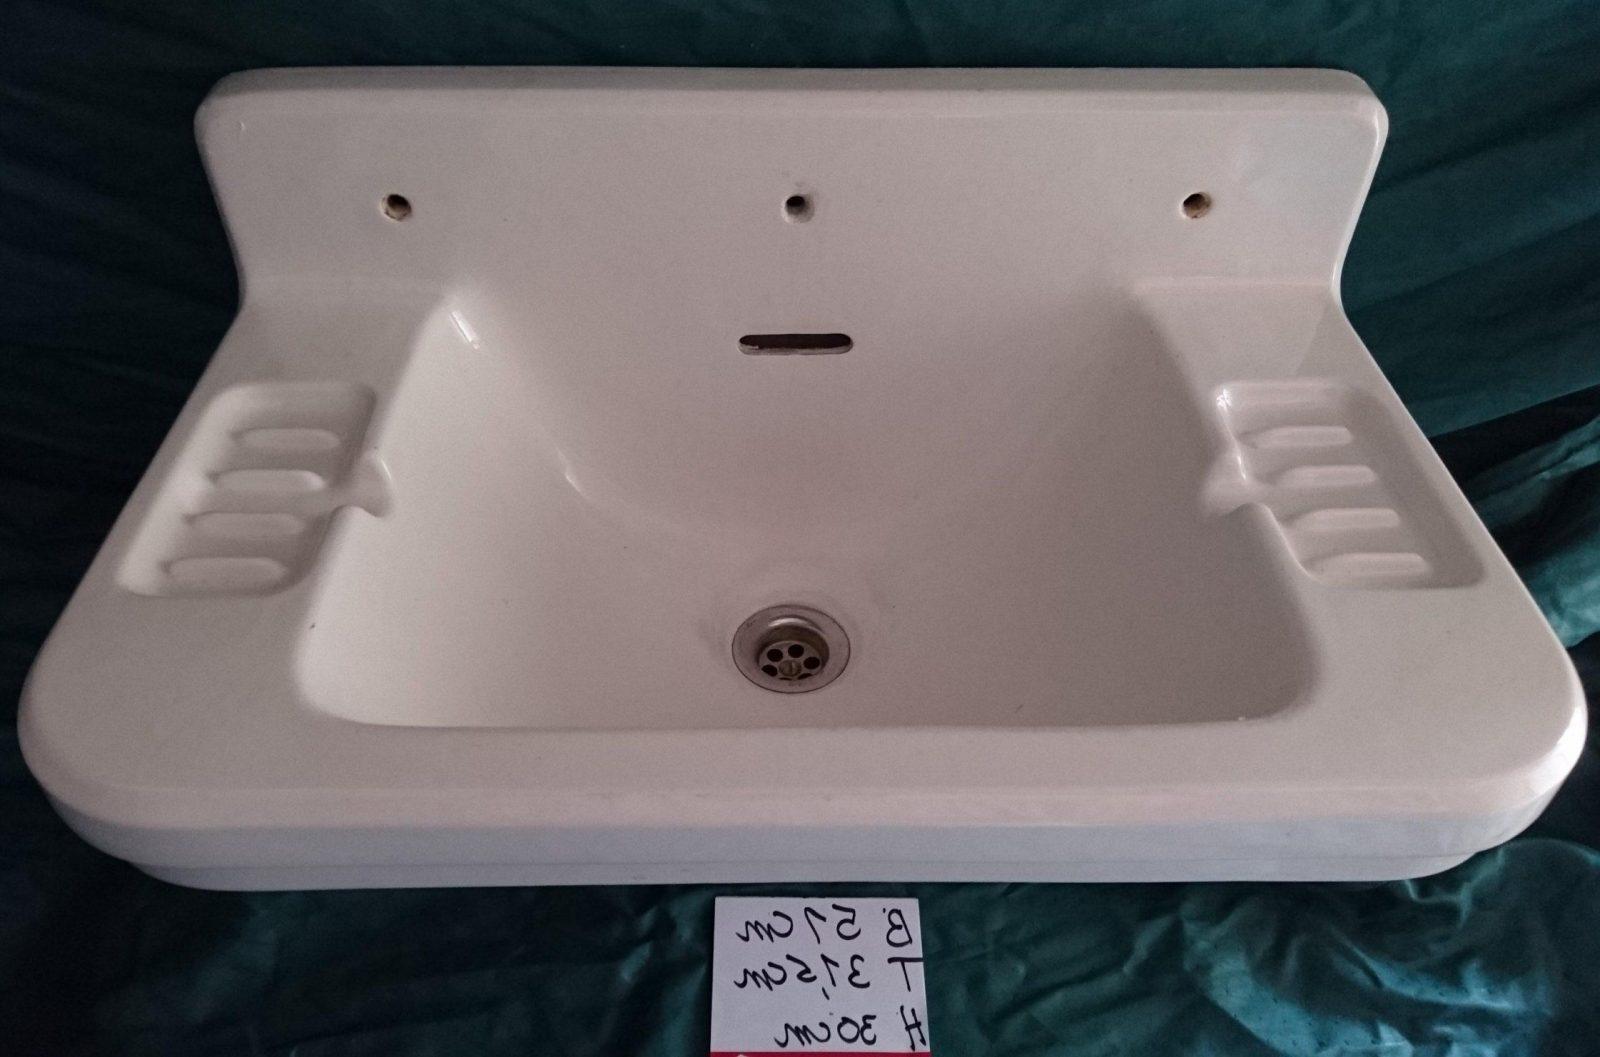 Simpel Waschbecken 30 Cm Tief Futuristisch Mit Handwaschbecken Tiefe von Waschbecken 30 Cm Tief Bild